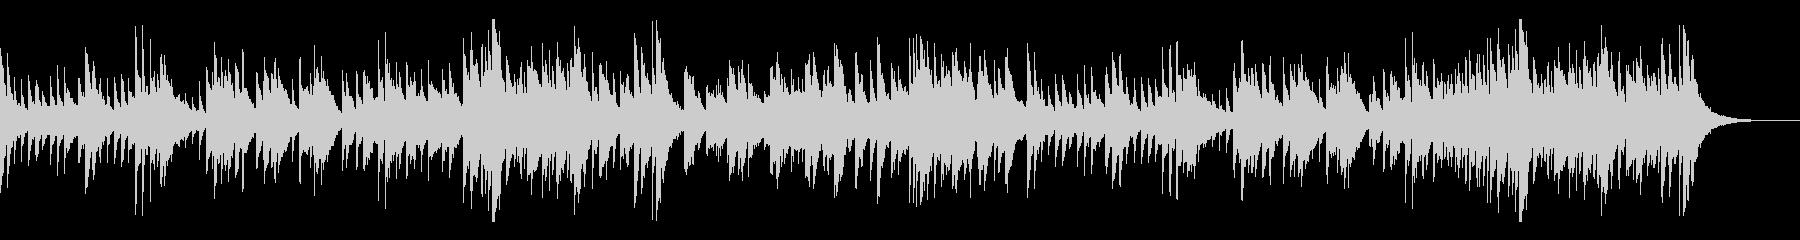 バロックギター・アンサンブルの未再生の波形